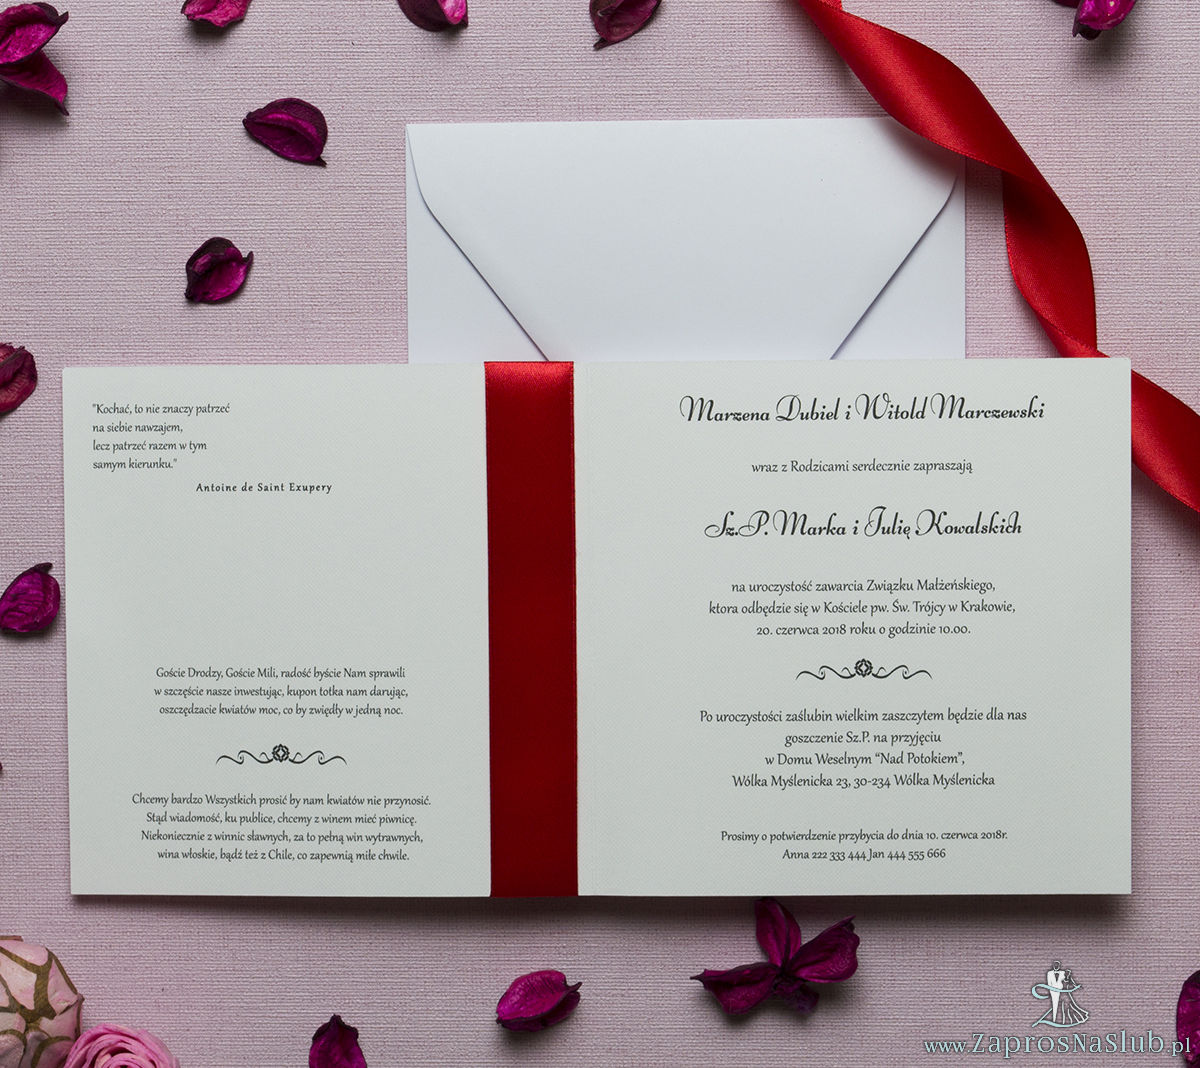 Kwadratowe zaproszenia ślubne z sercem składającym się z pasków oraz z czerwoną wstążką. ZAP-84-01